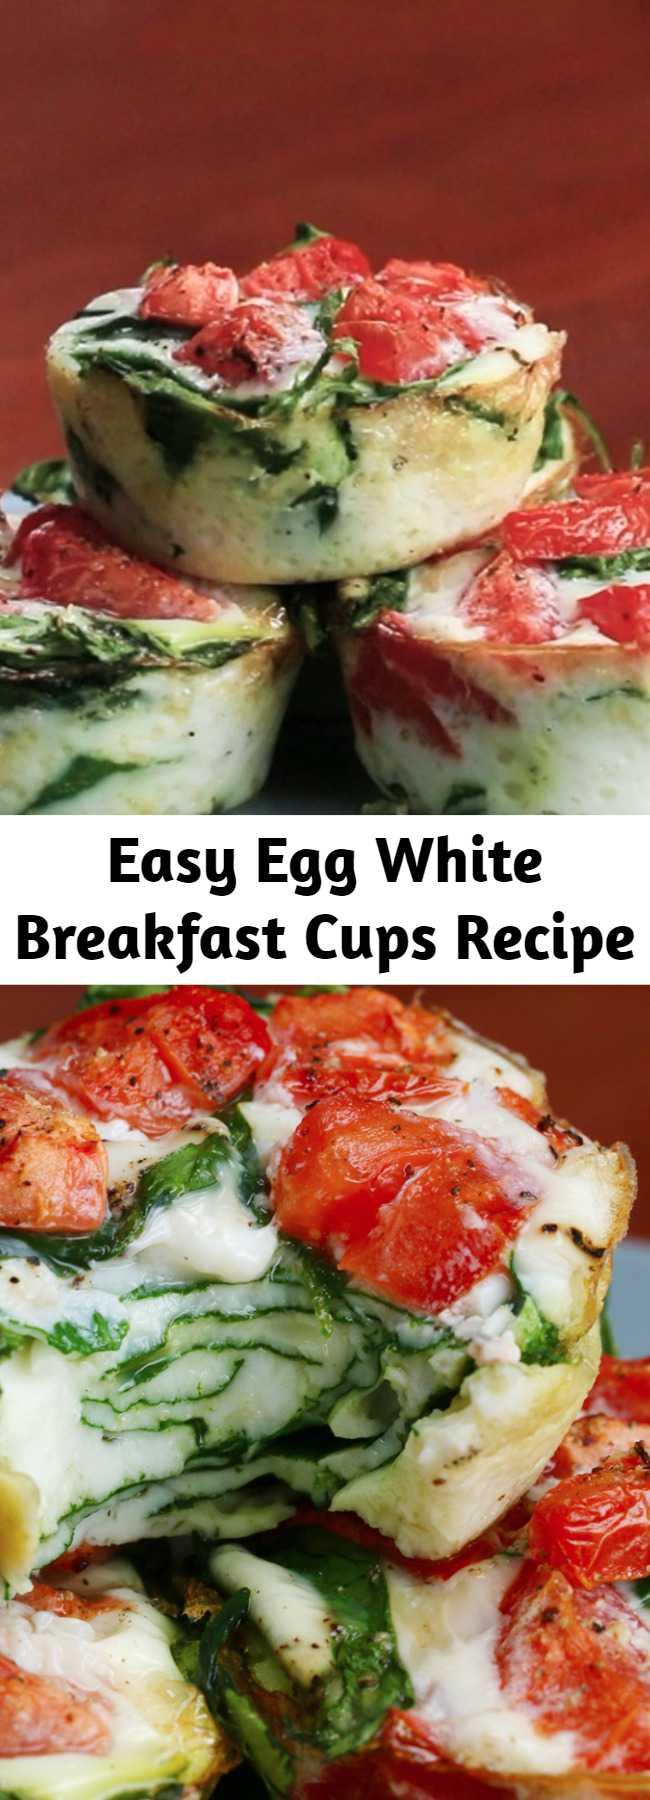 Easy Egg White Breakfast Cups Recipe